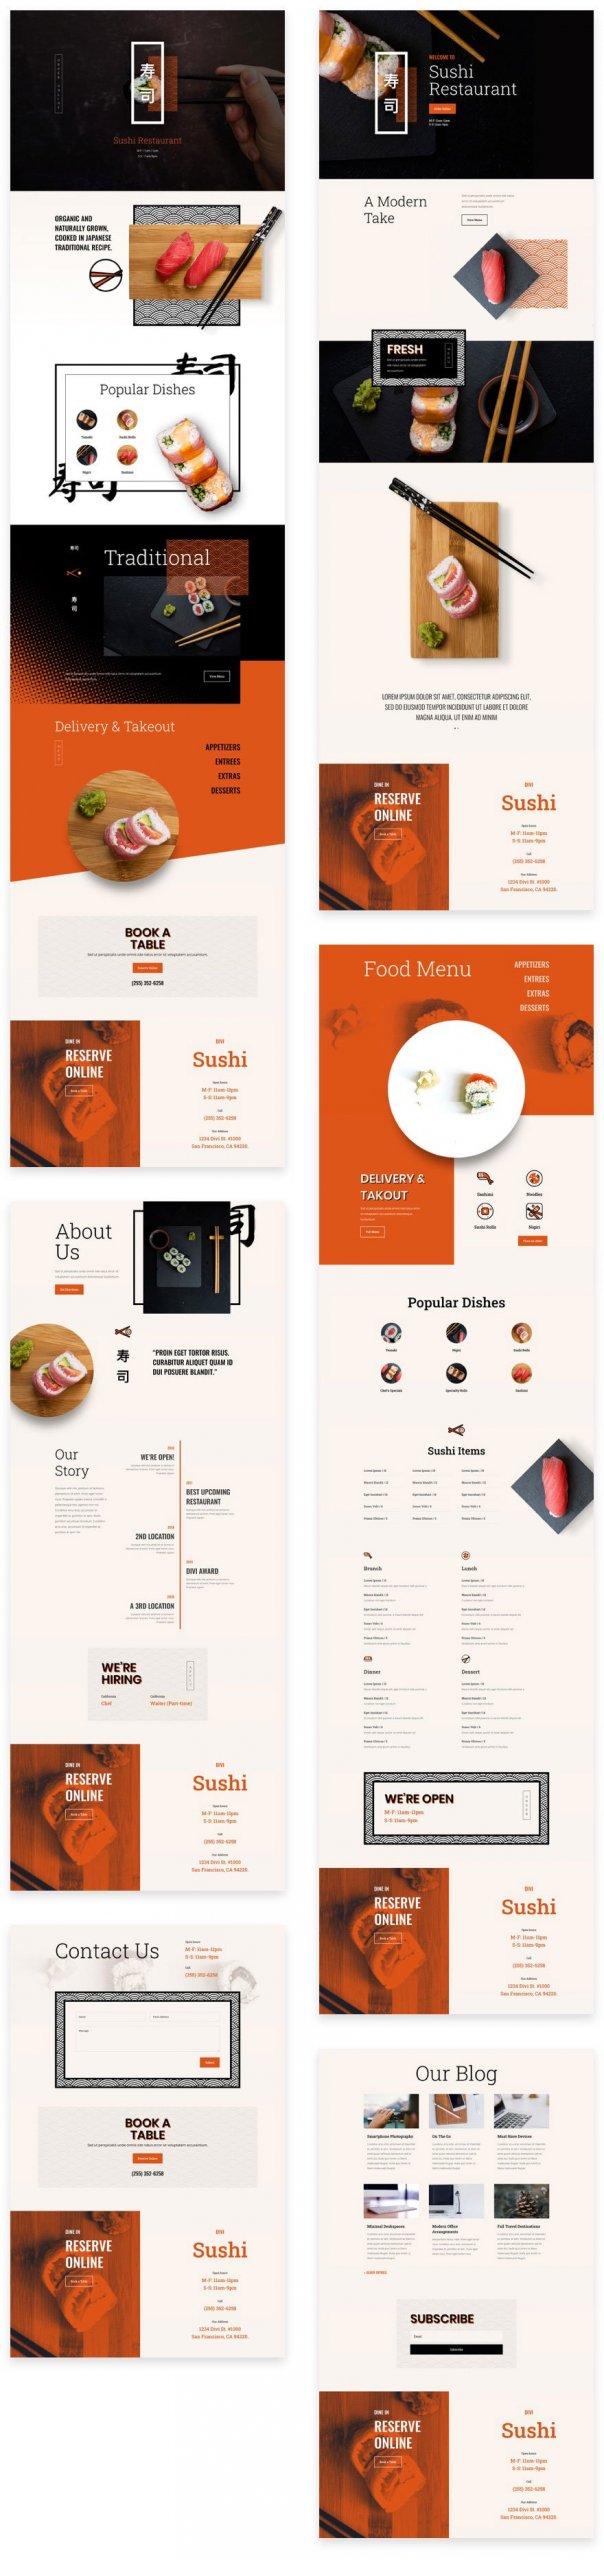 Náhled stránek ze šablony Sushi restaurace